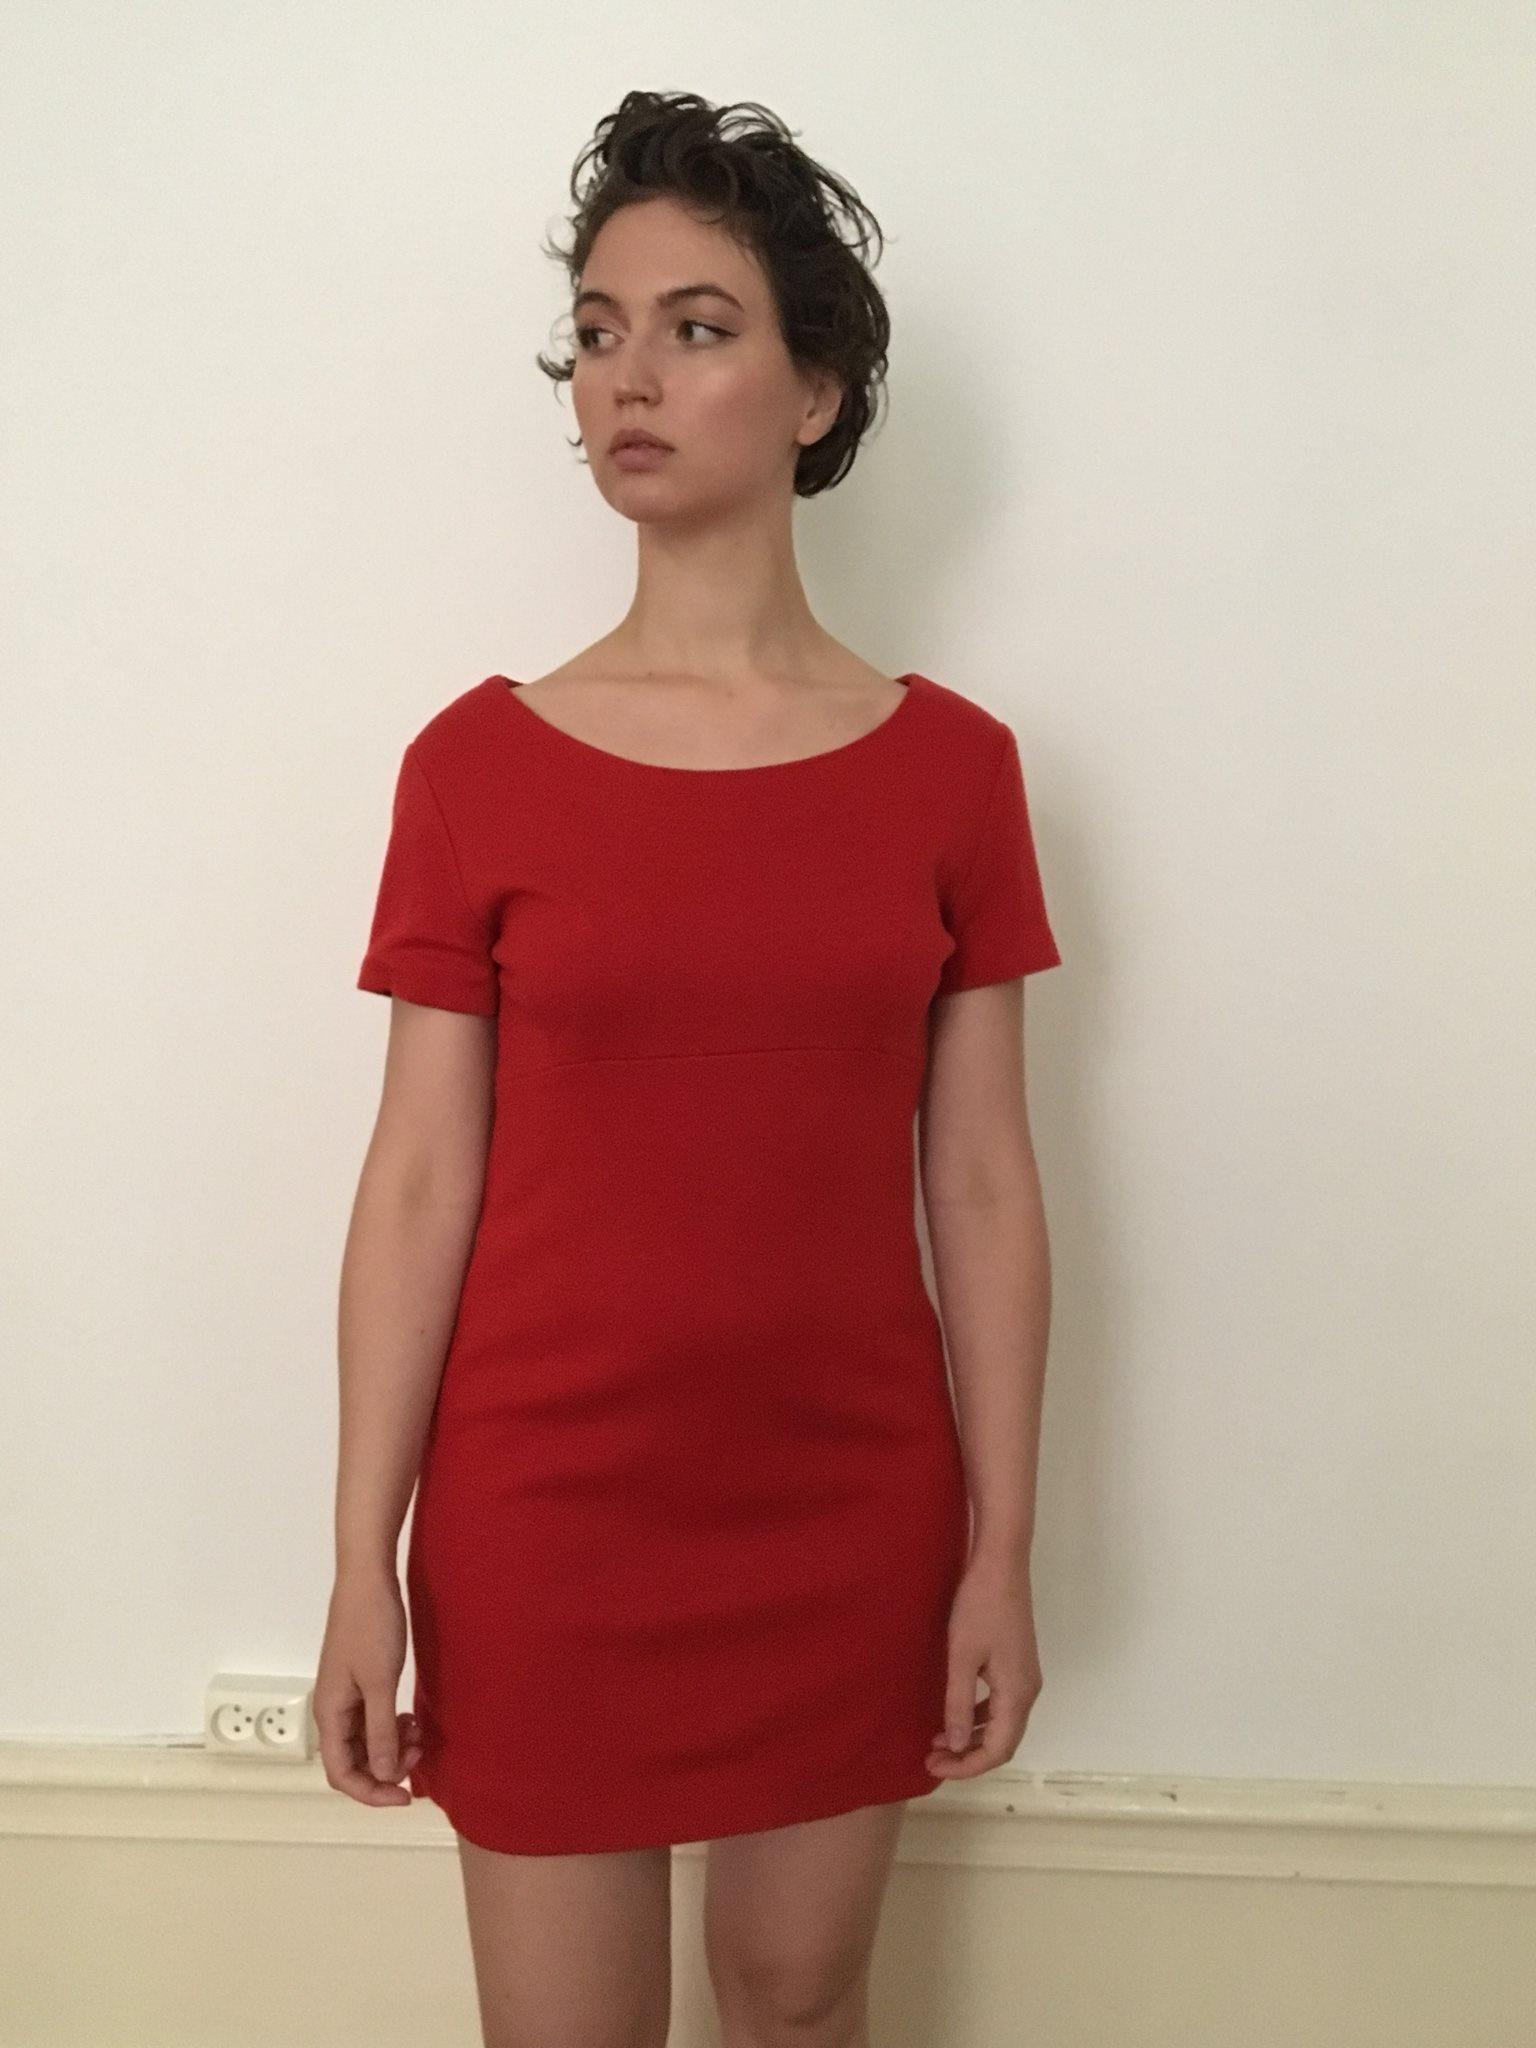 Röd klassisk vintage 50 60 tal klänning (330932203) ᐈ Köp på Tradera d4057931be8d8